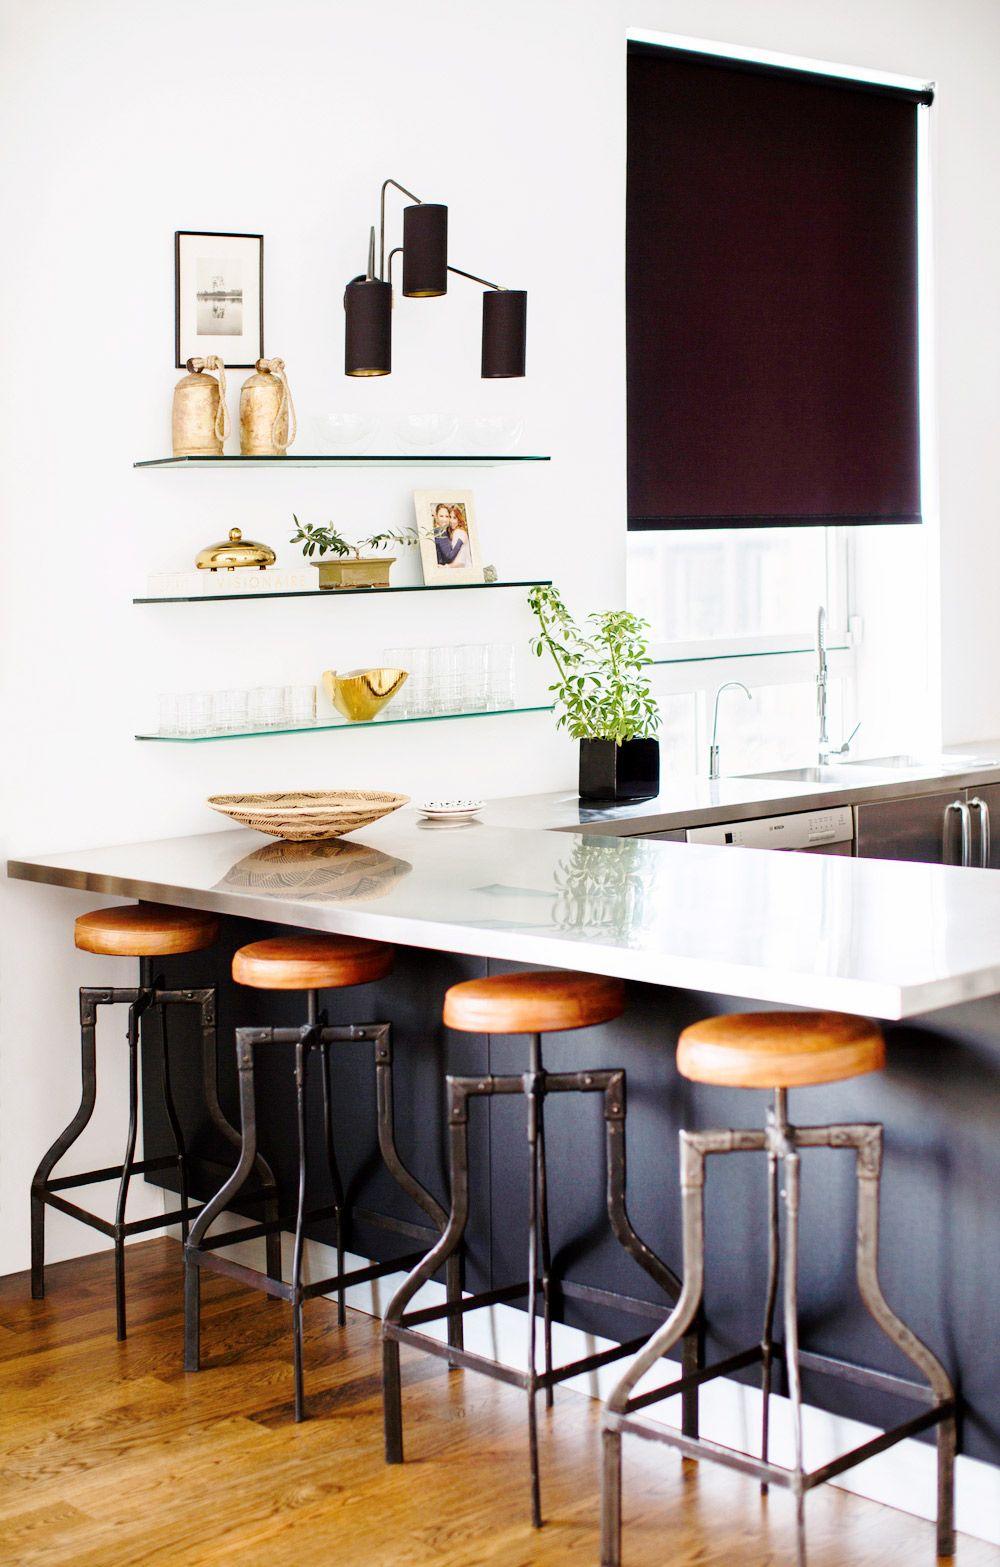 5 Ideas To Steal From Nate Berkus S Kitchen Designs